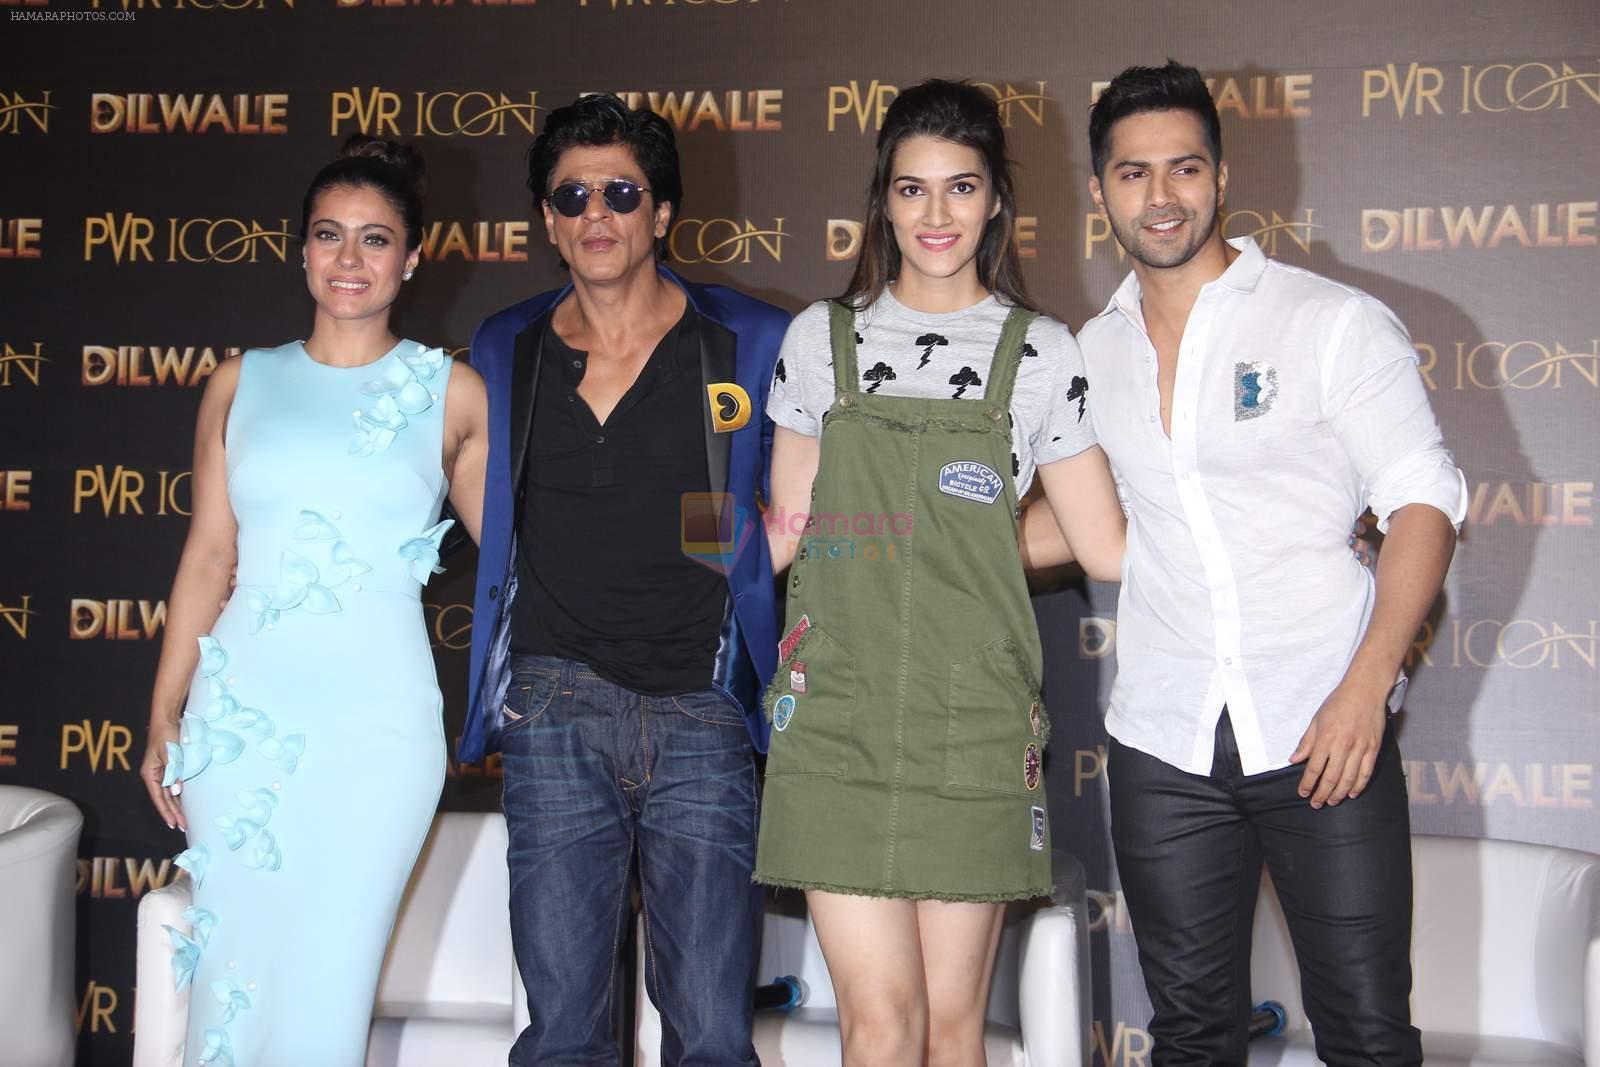 Kajol, Shahrukh Khan, Kriti Sanon, Varun Dhawan